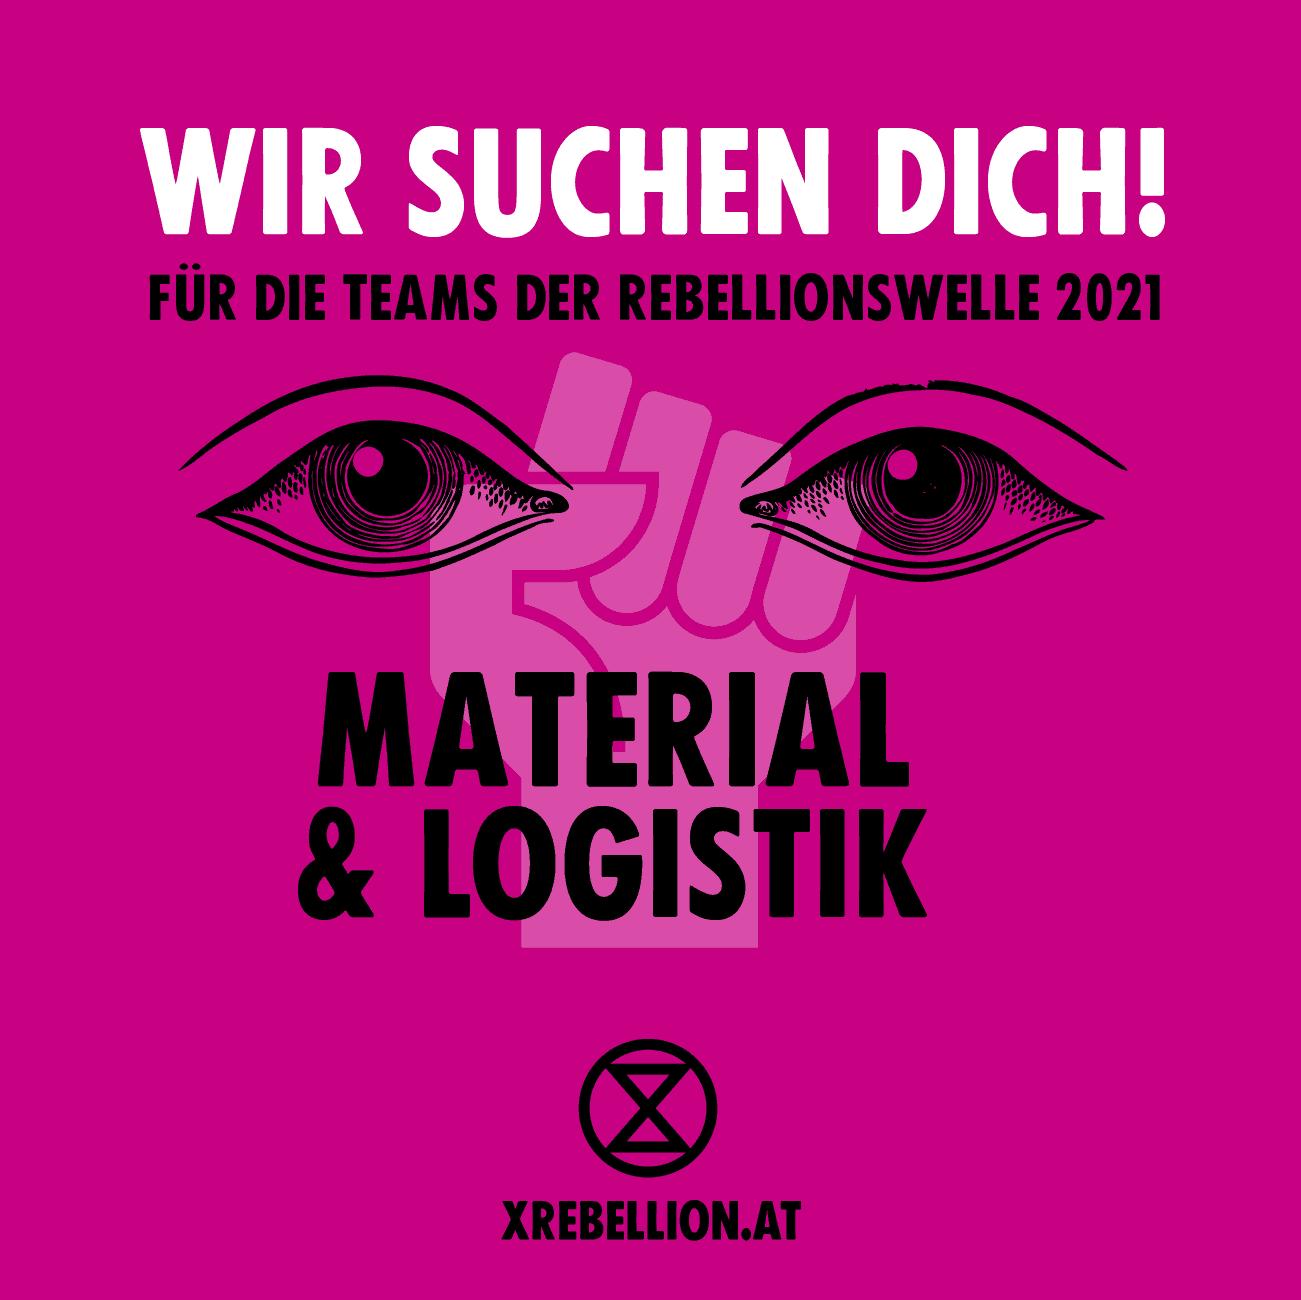 XR Material & Logistik